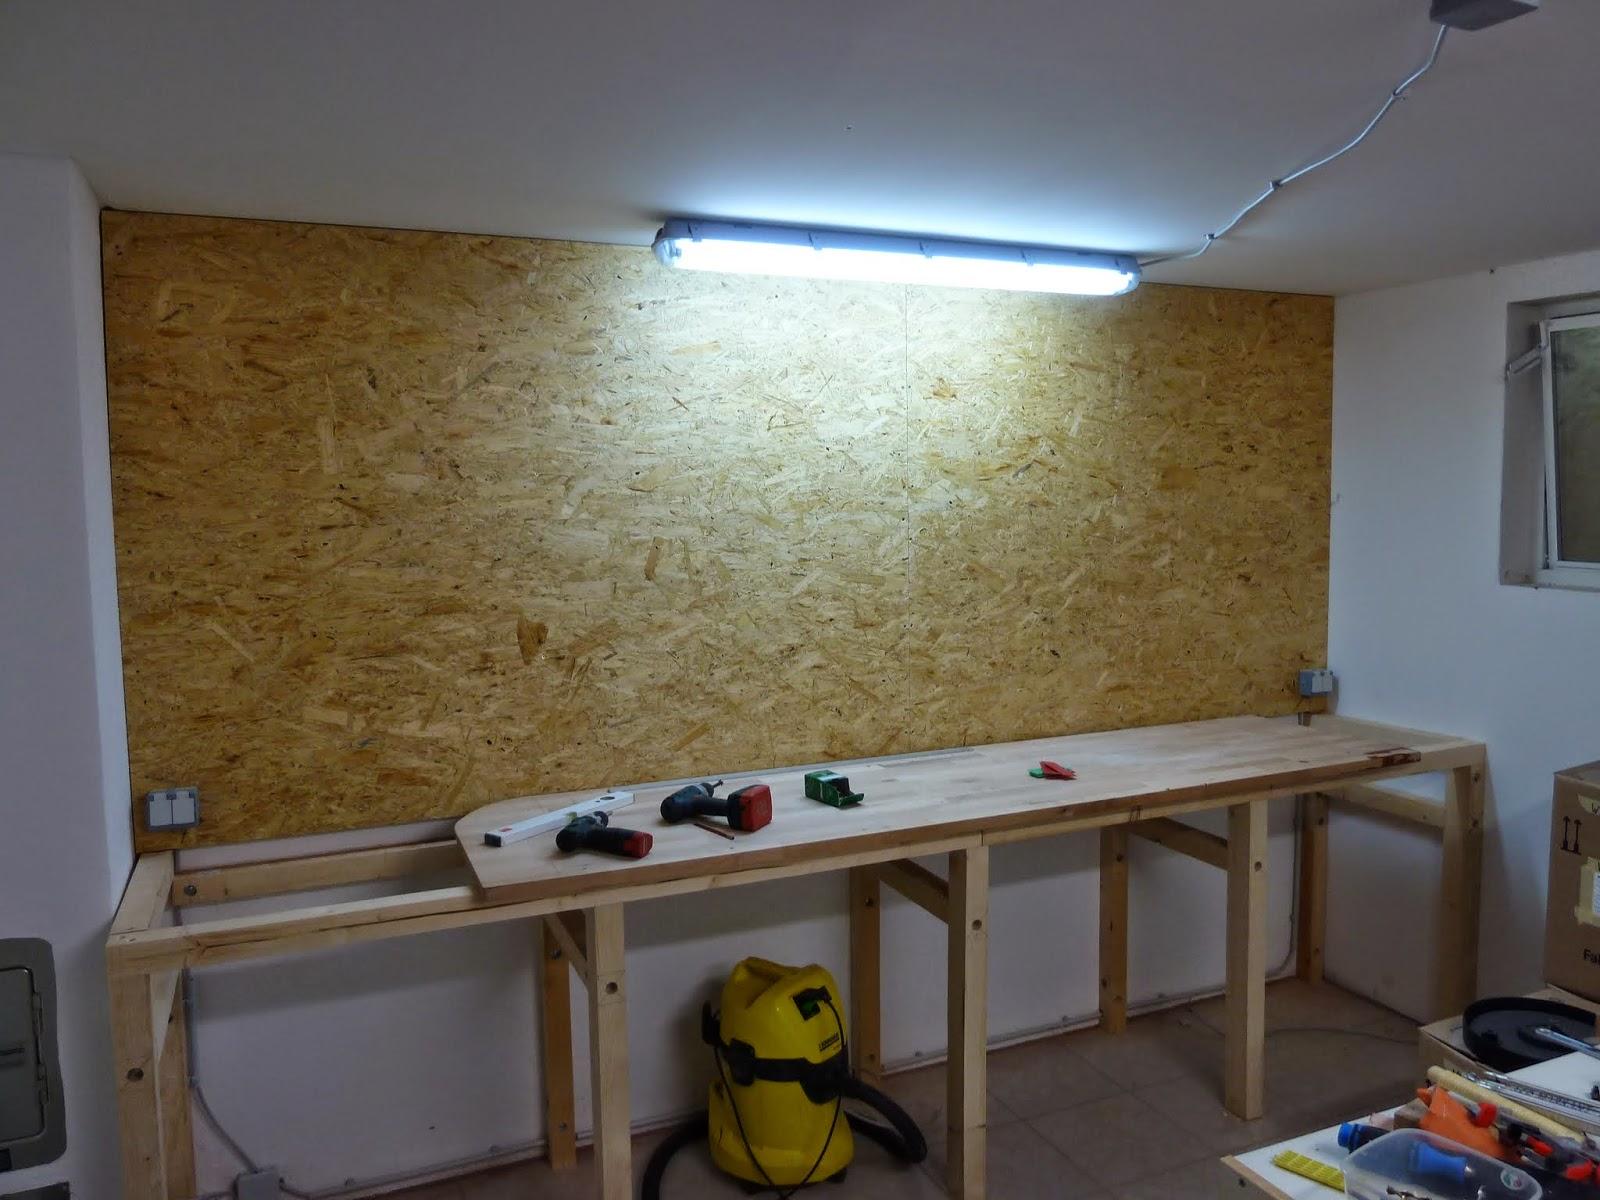 hobbywerker neue werkstatt teil 2 aufbau der werkbank. Black Bedroom Furniture Sets. Home Design Ideas